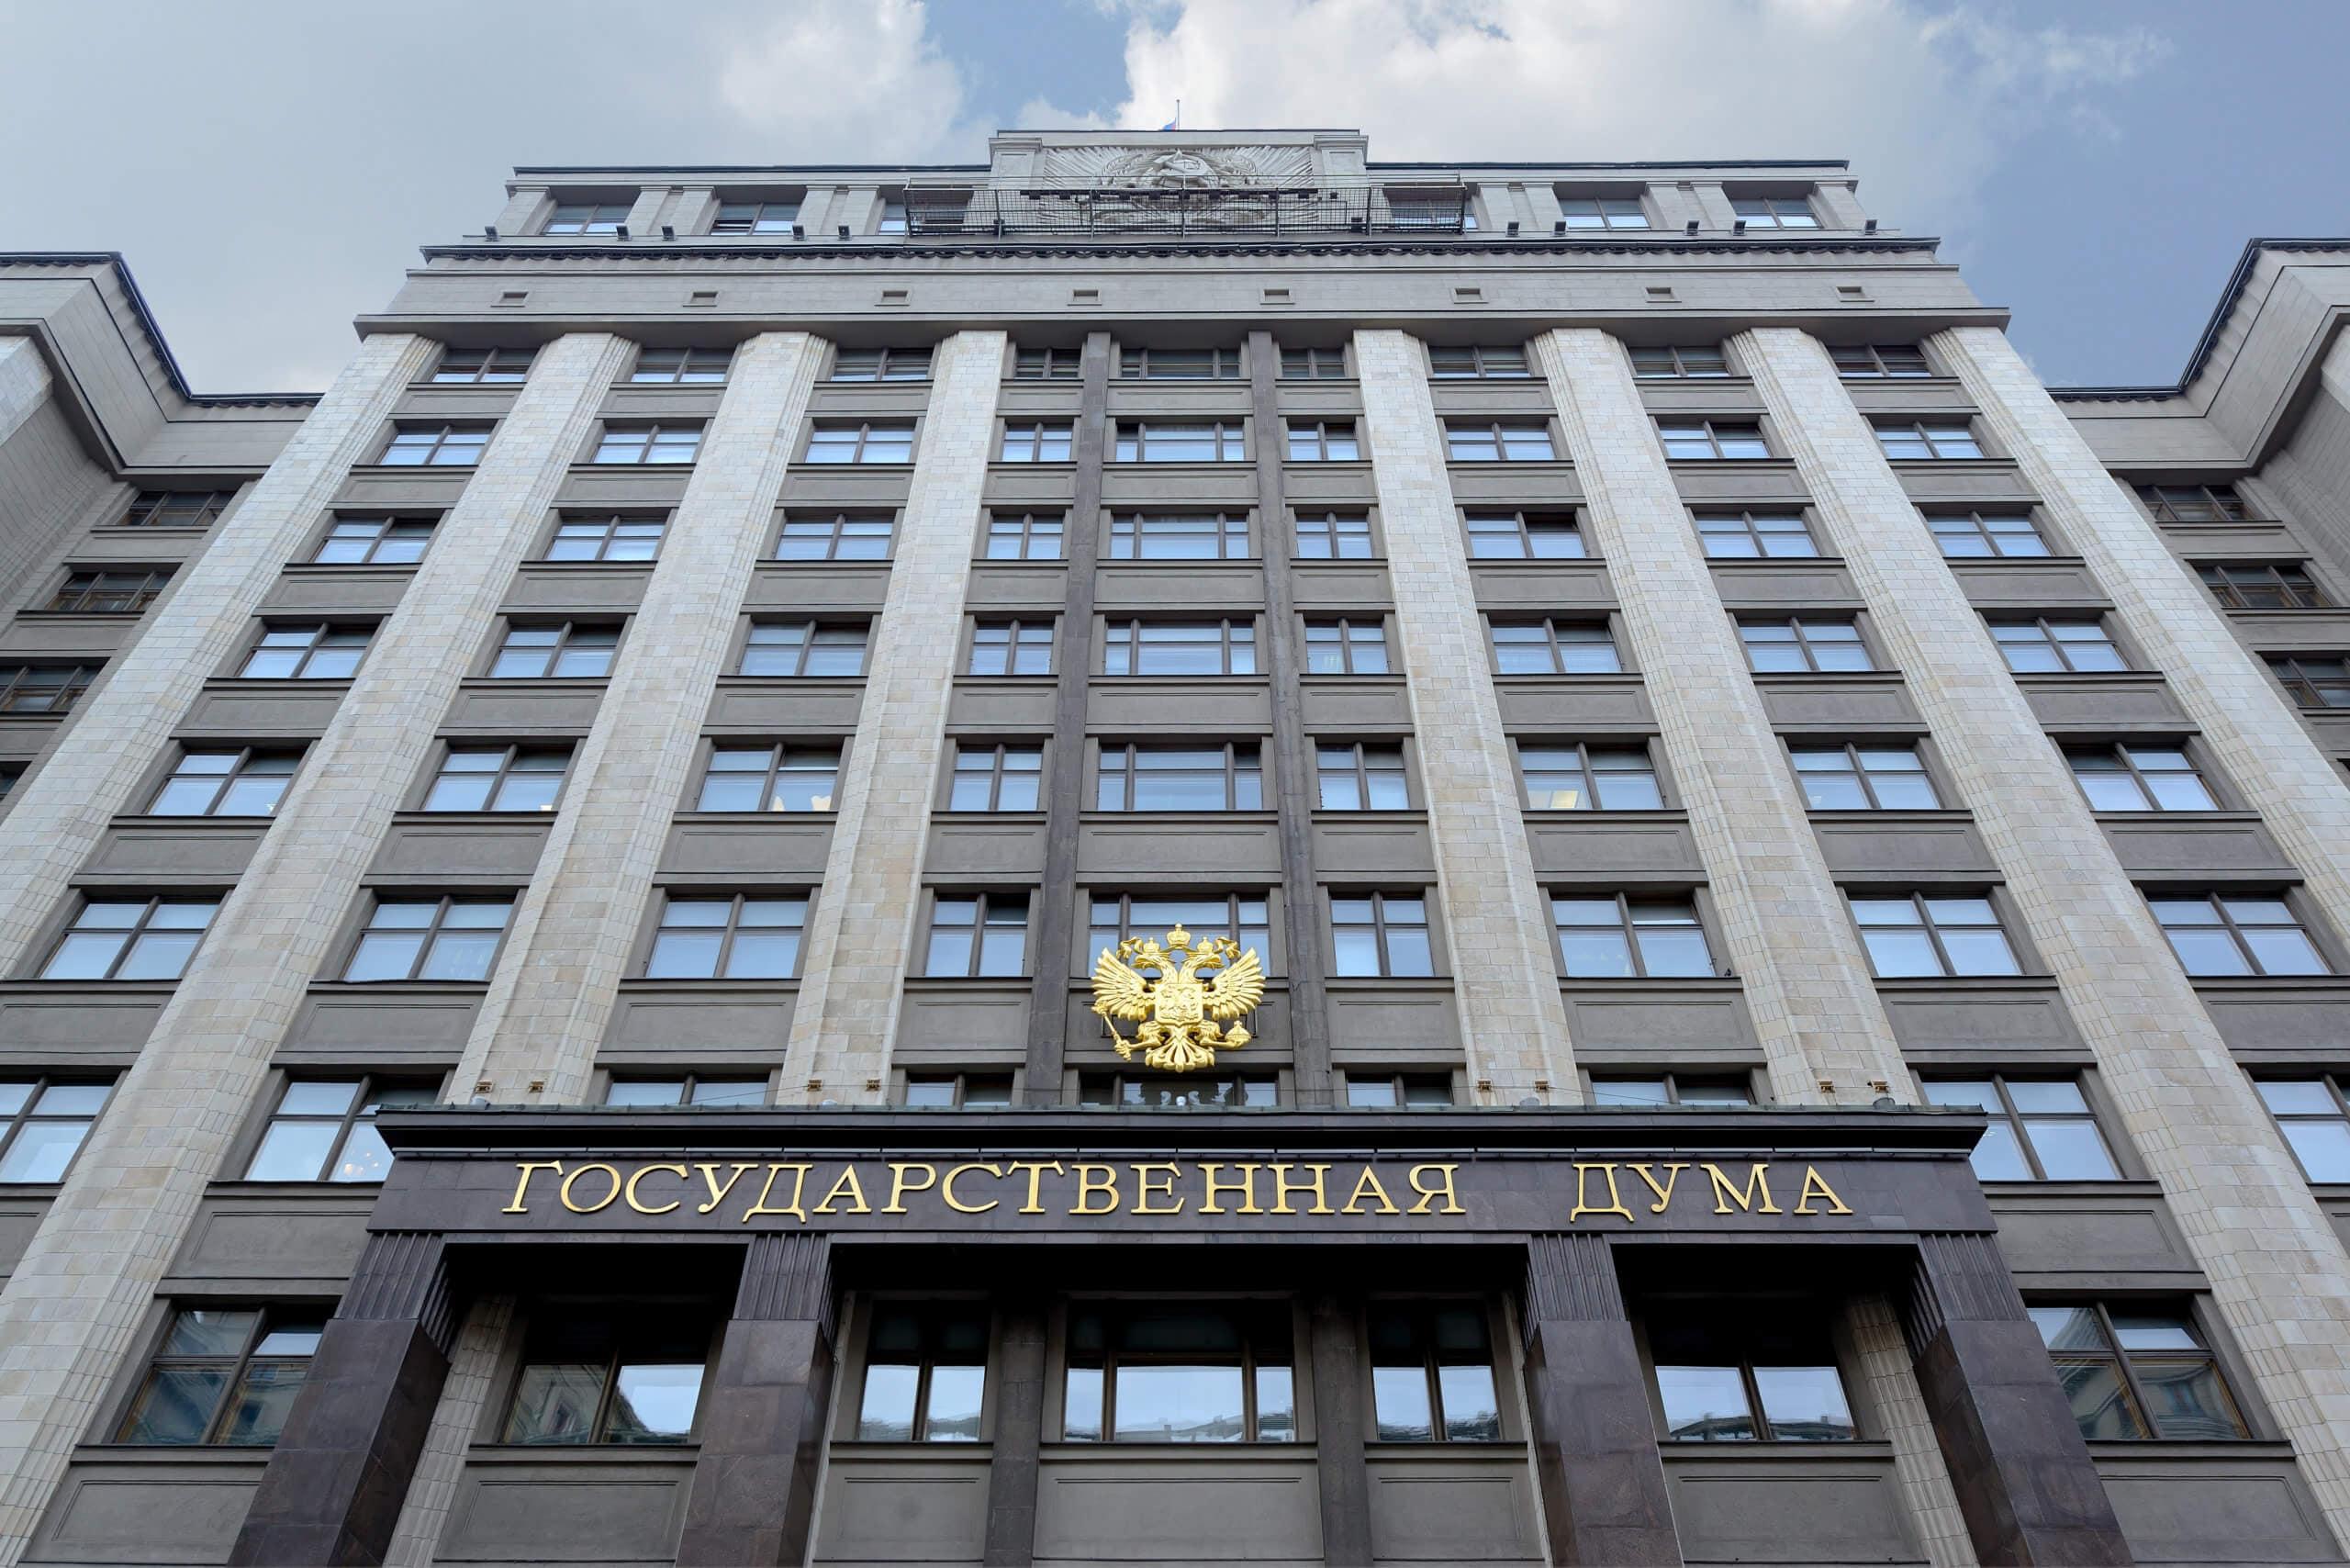 Das Gebäude der russischen Duma vor einem bewölkten Himmel.